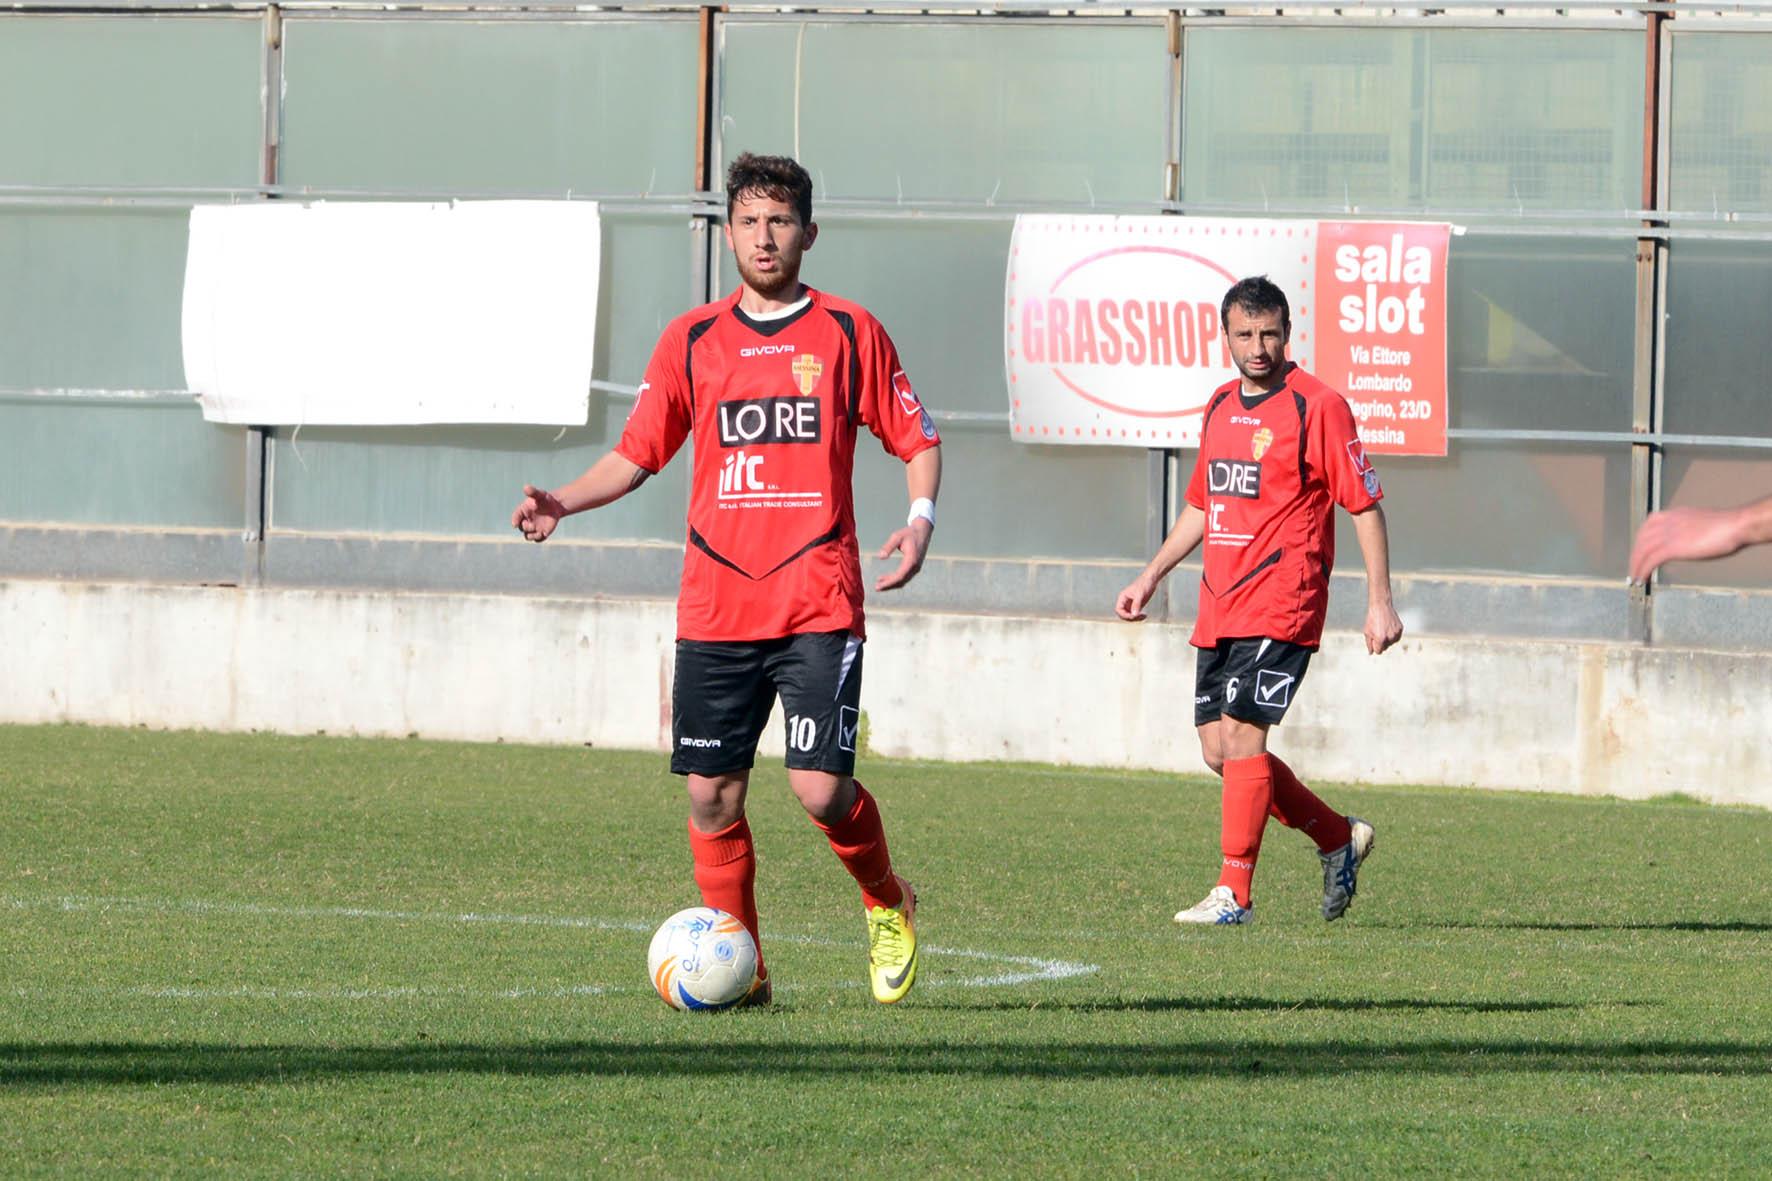 Il-centrocampista-Francesco-Munafò-pronto-al-rientro.-Alle-sue-spalle-Emanuele-Frassica